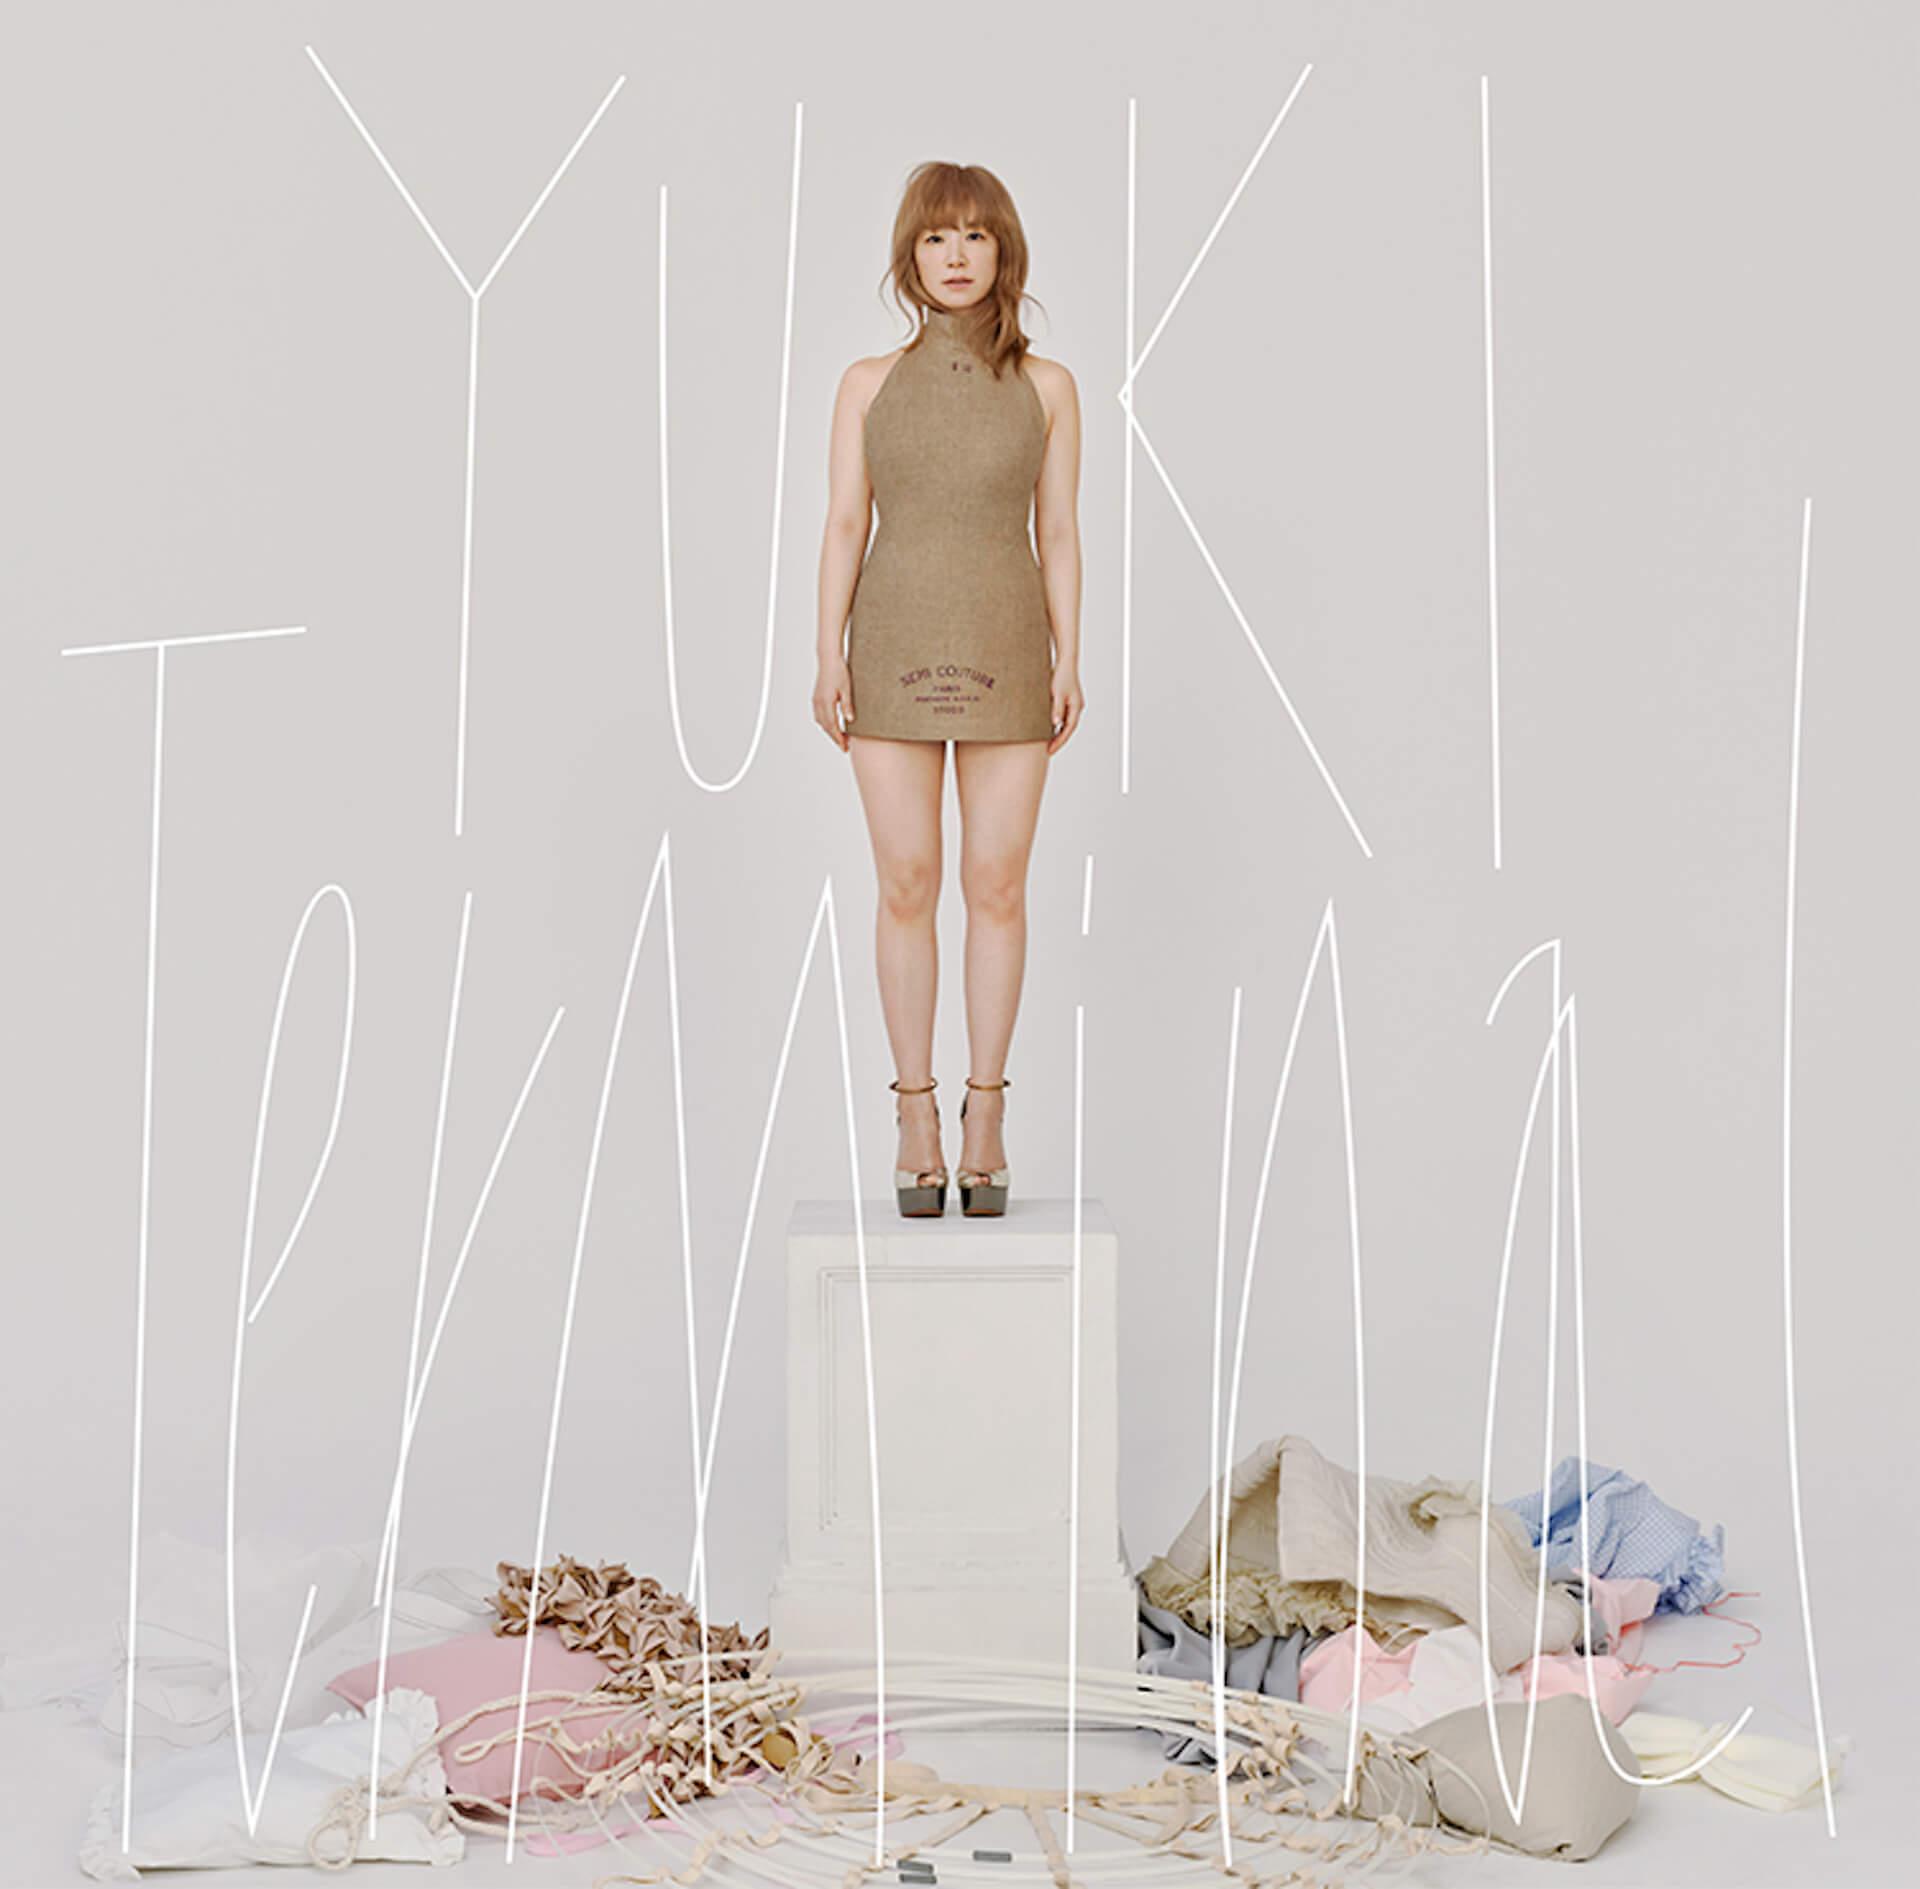 YUKIの最新アルバム『Terminal』のアナログ盤がリリース決定!生産数限定で販売 music210625_yuki_lp_1